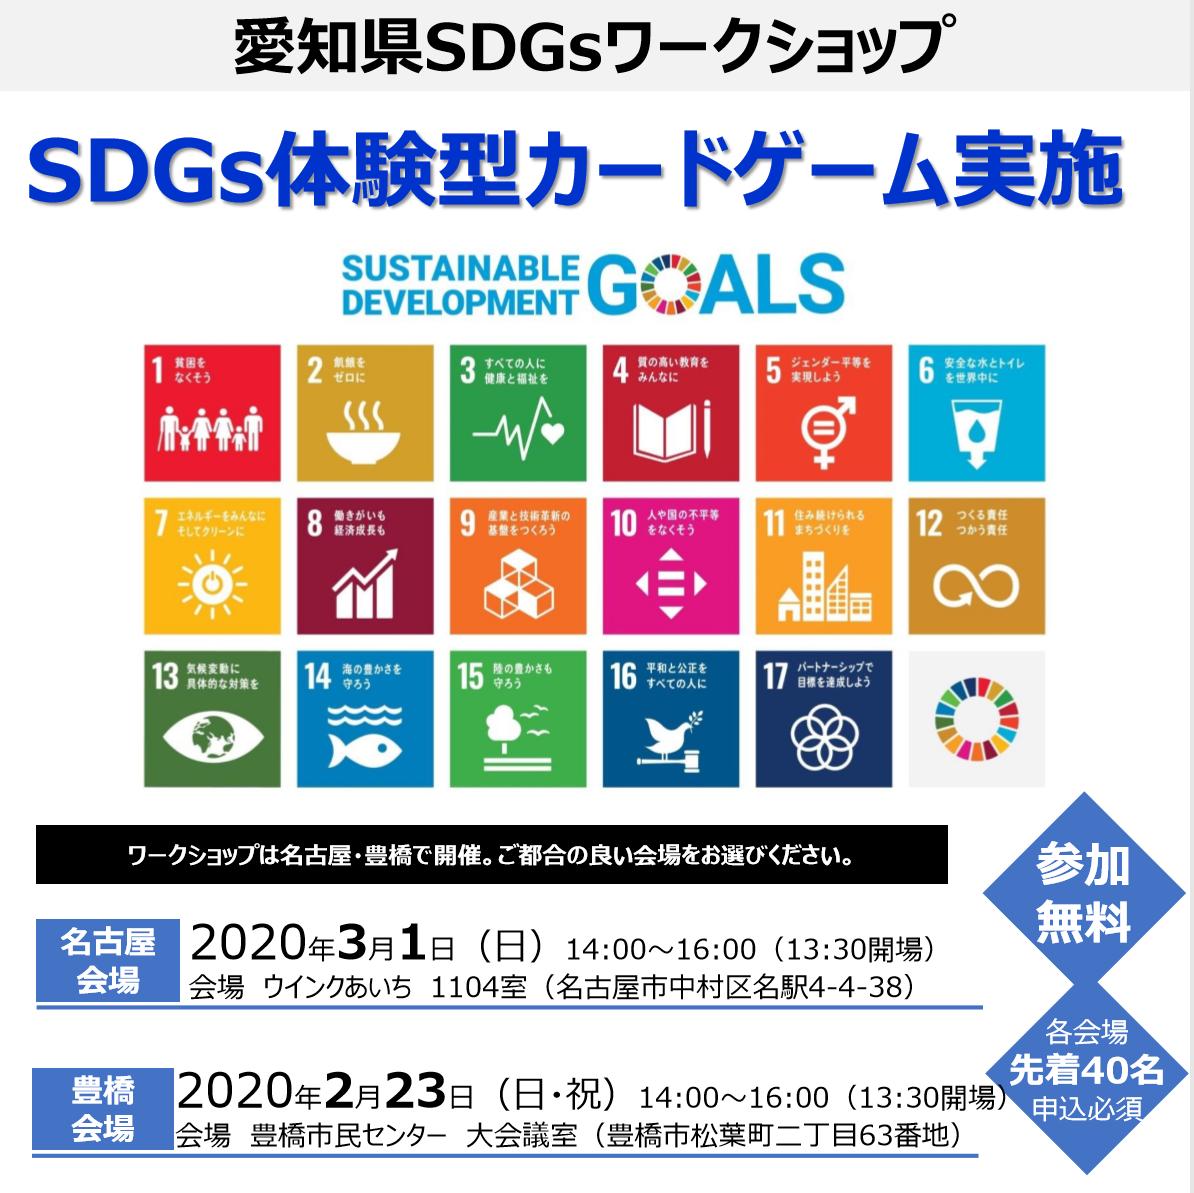 「愛知県SDGsワークショップ」